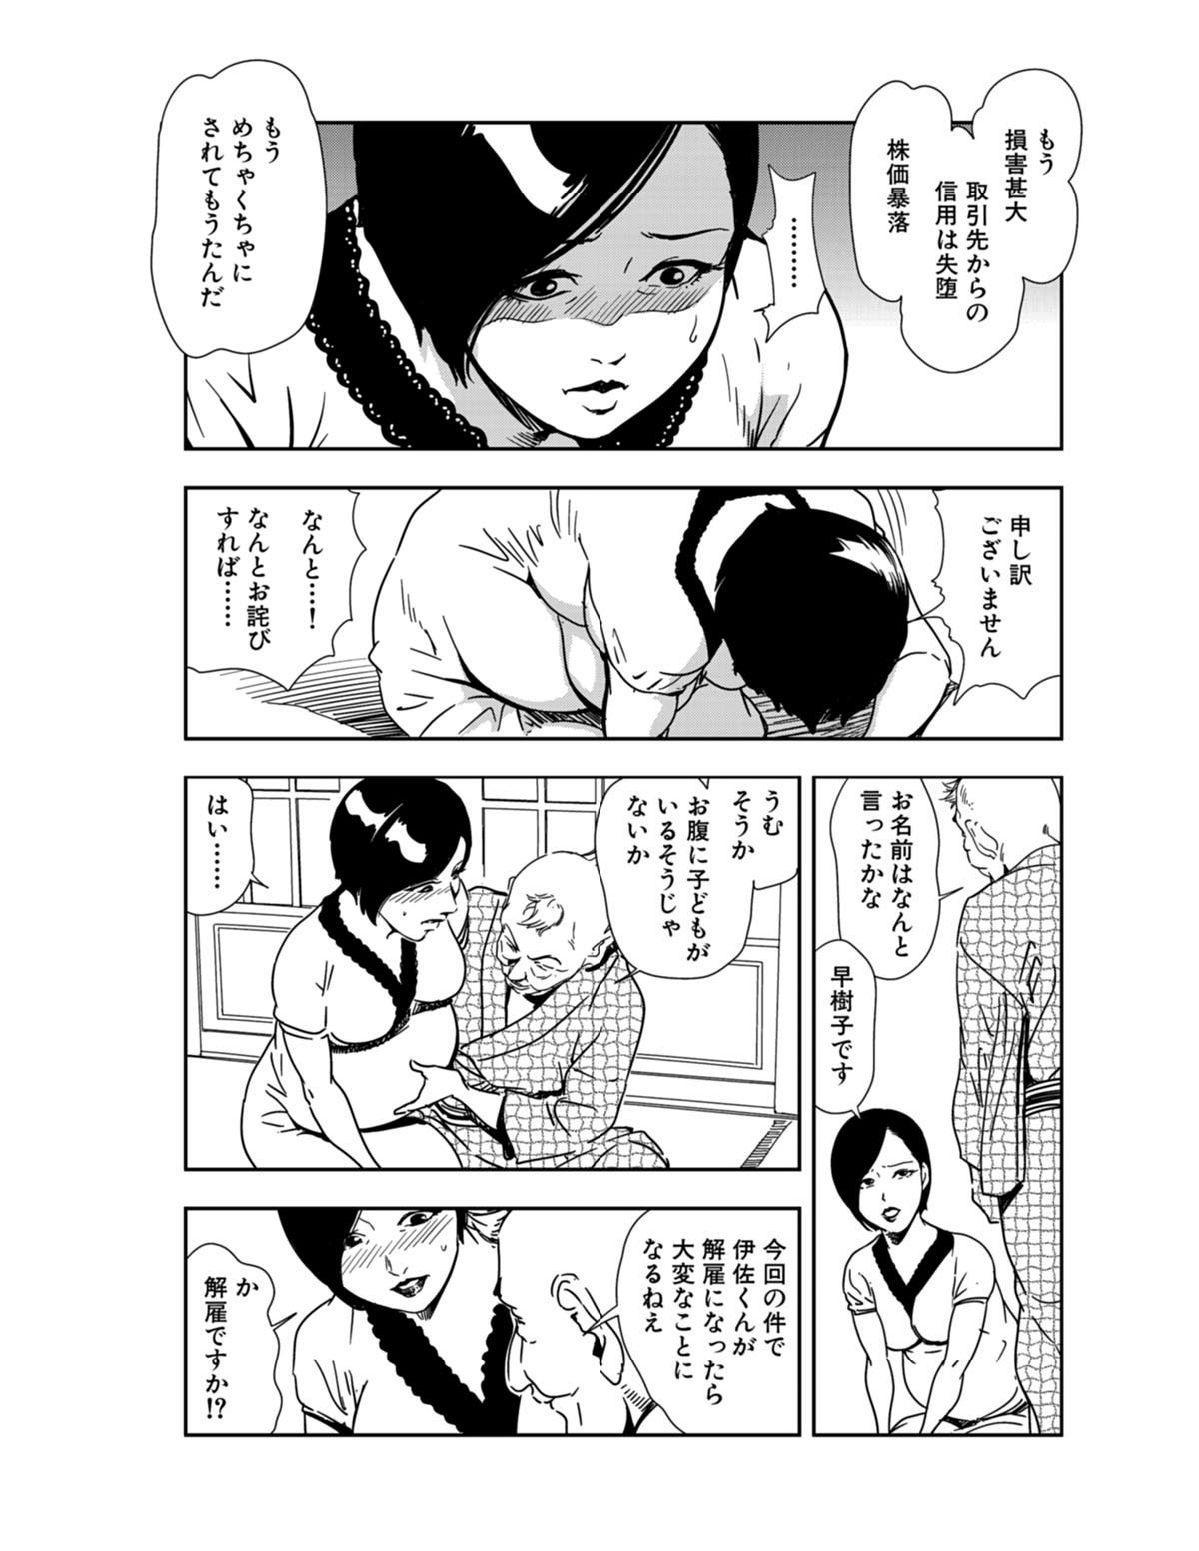 Nikuhisyo Yukiko 21 106